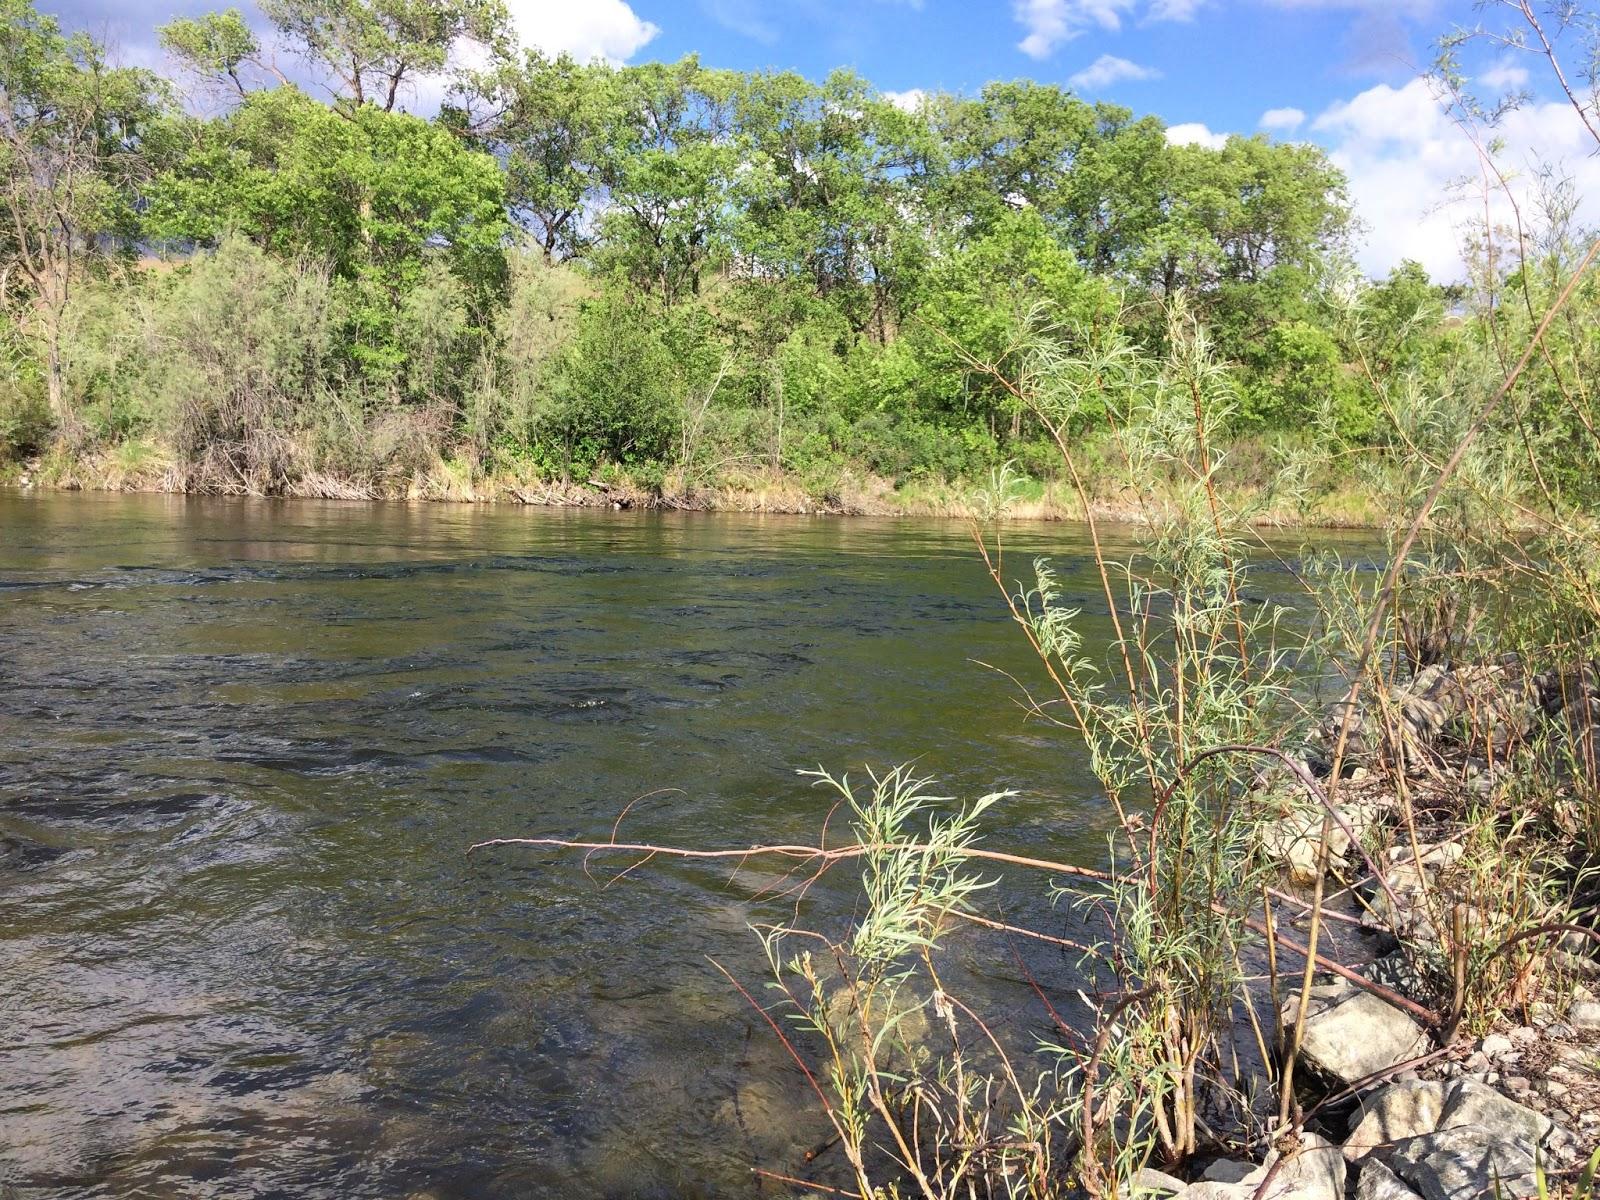 The beautiful Okanagan River